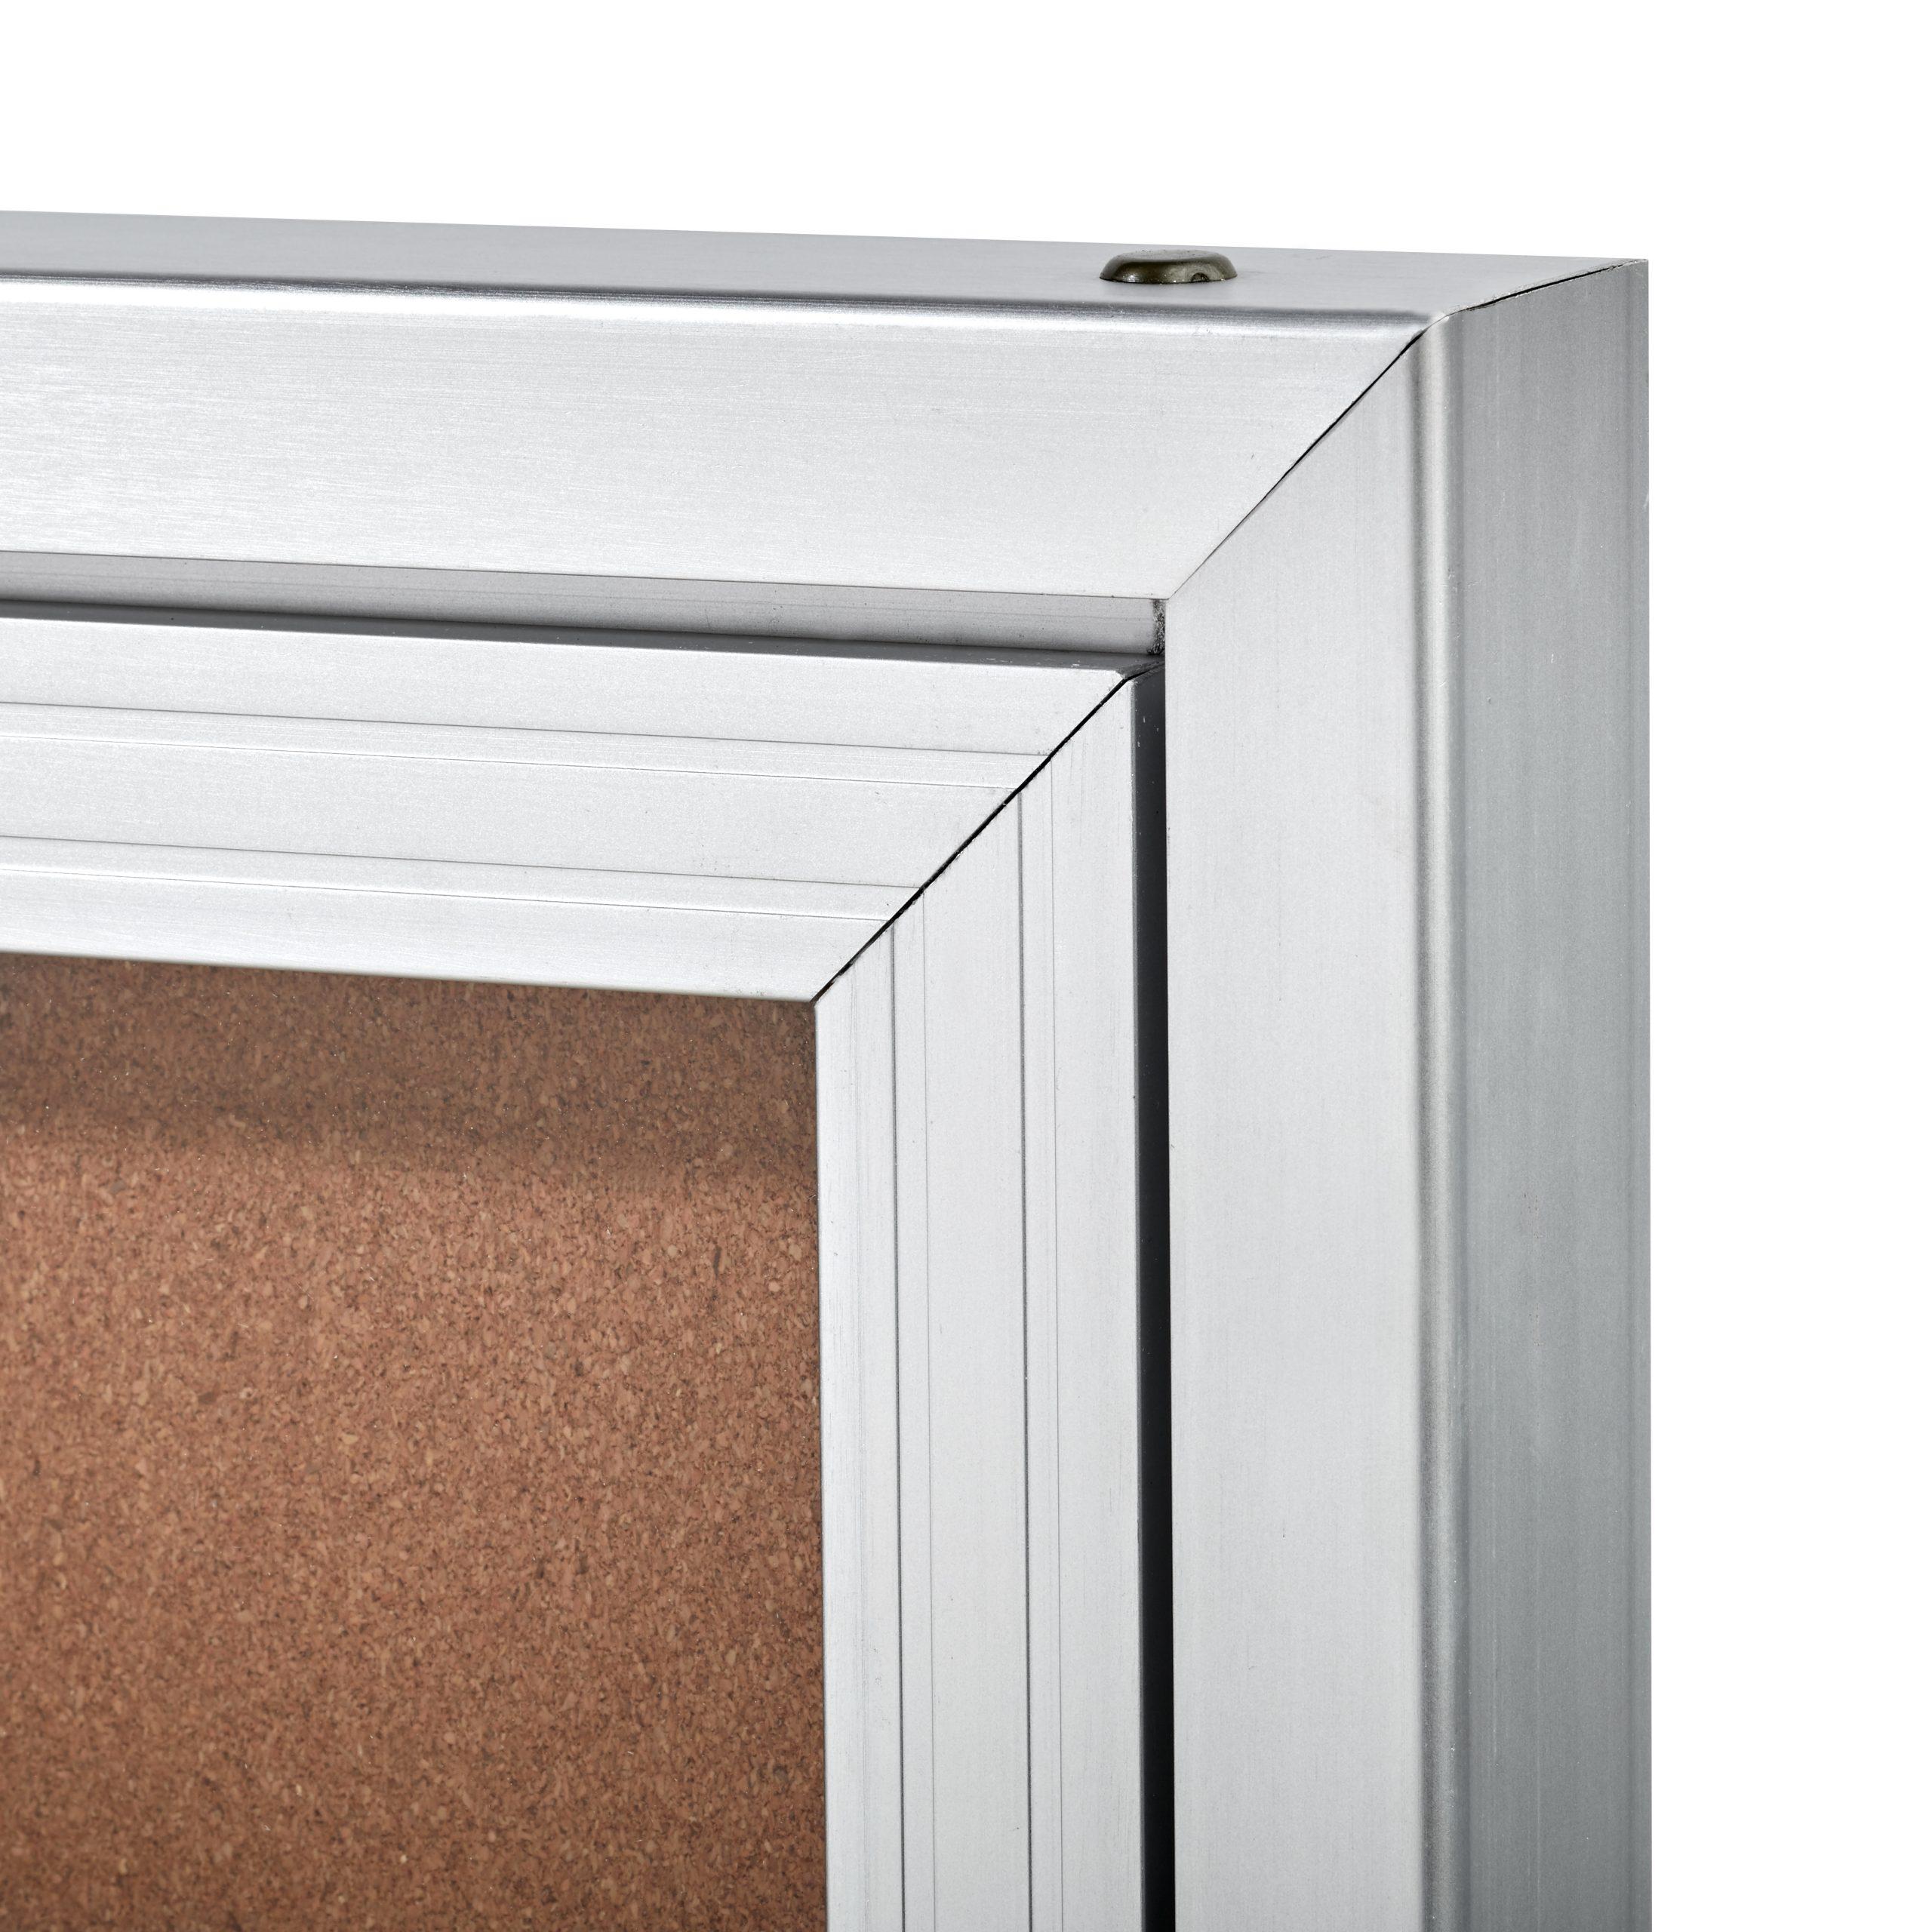 Single & Double Door Enclosed Bulletin Boards